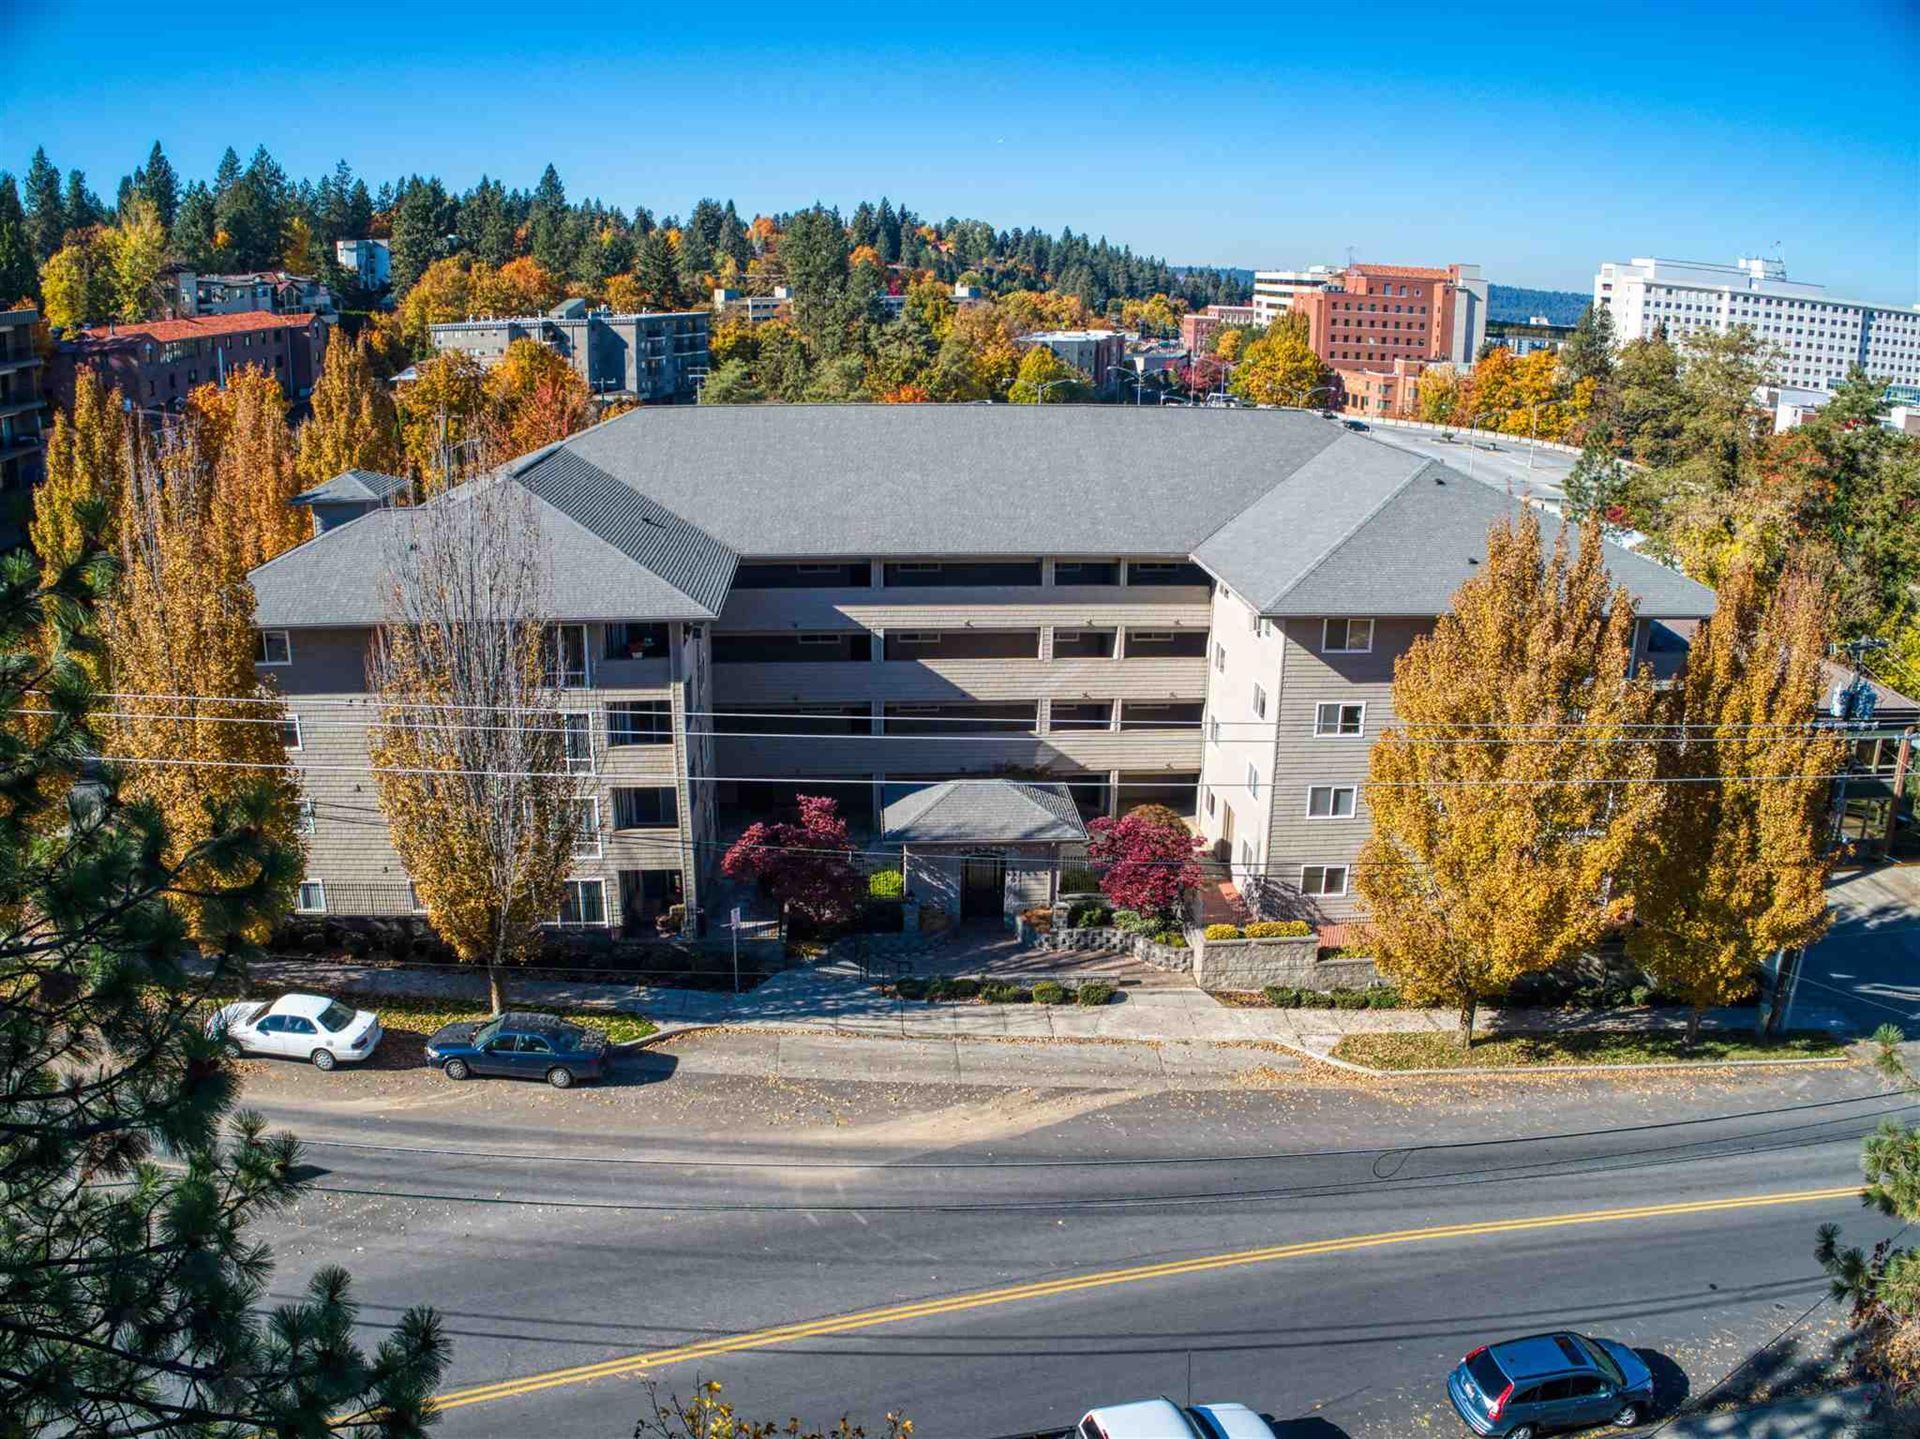 930 S Cowley St #404, Spokane, WA 99202-7207 - #: 202110821